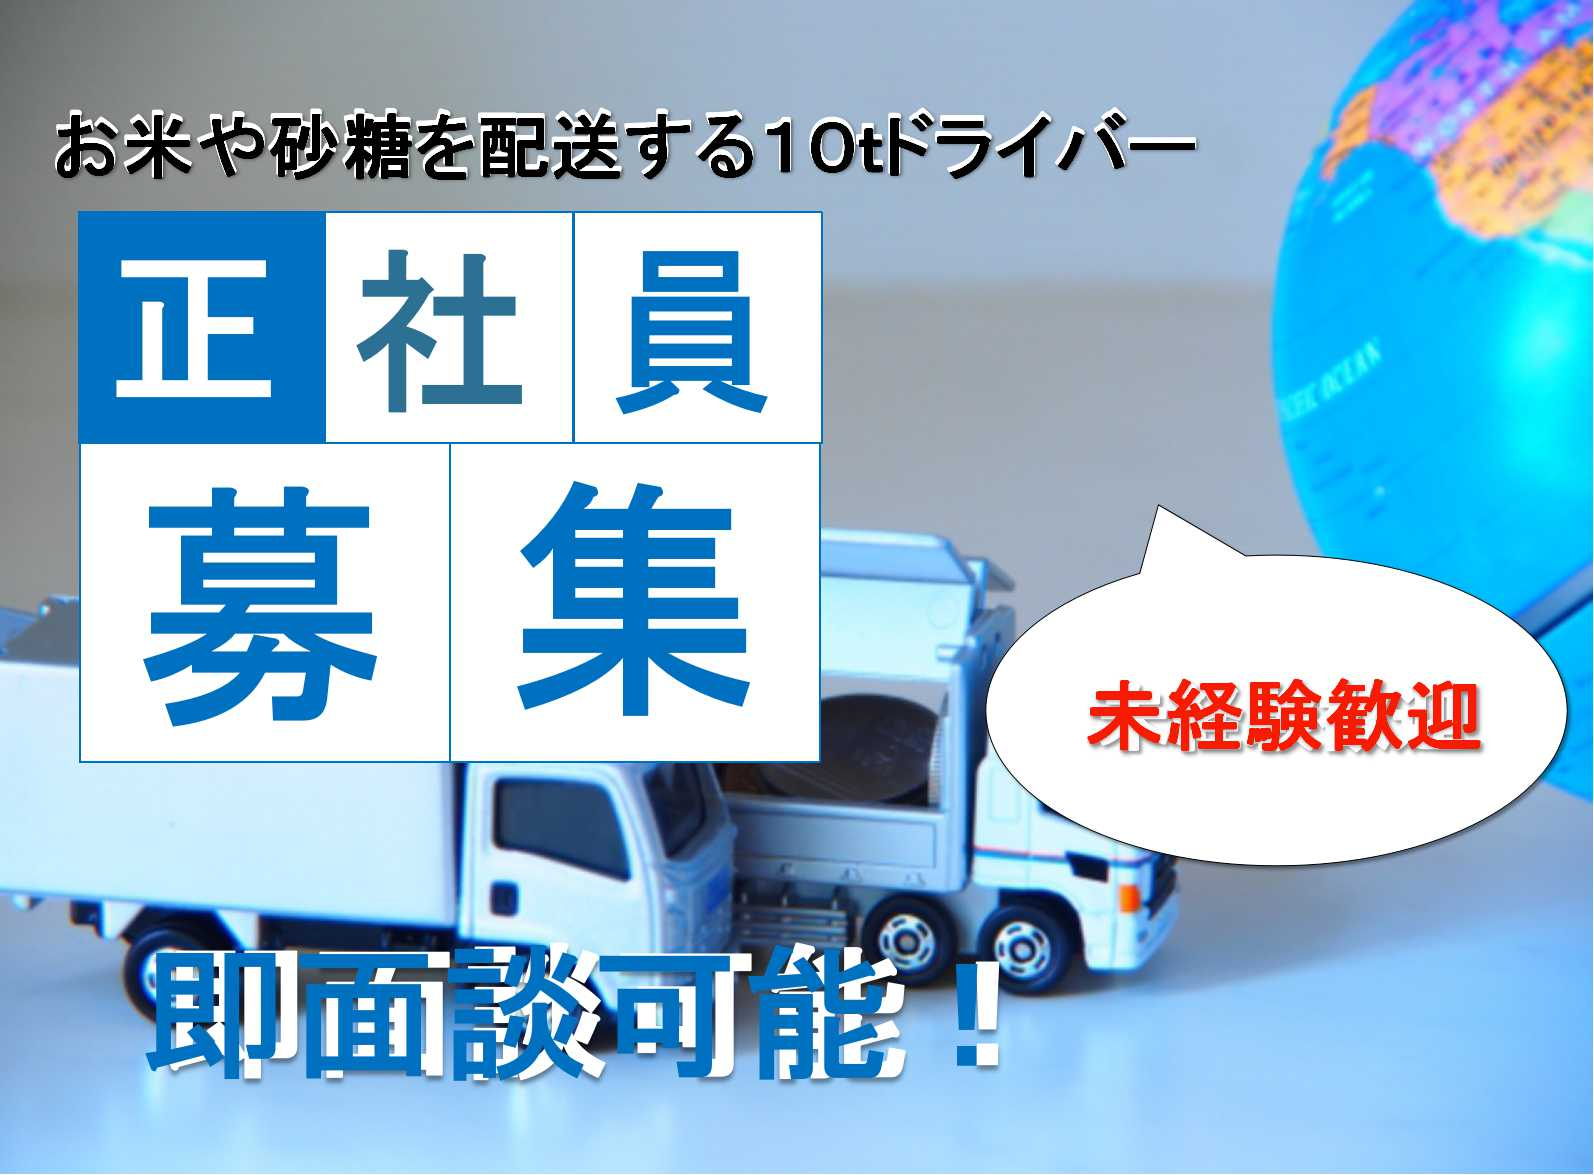 【急募】10tドライバー 福利厚生充実 残業あまりなし♪ イメージ